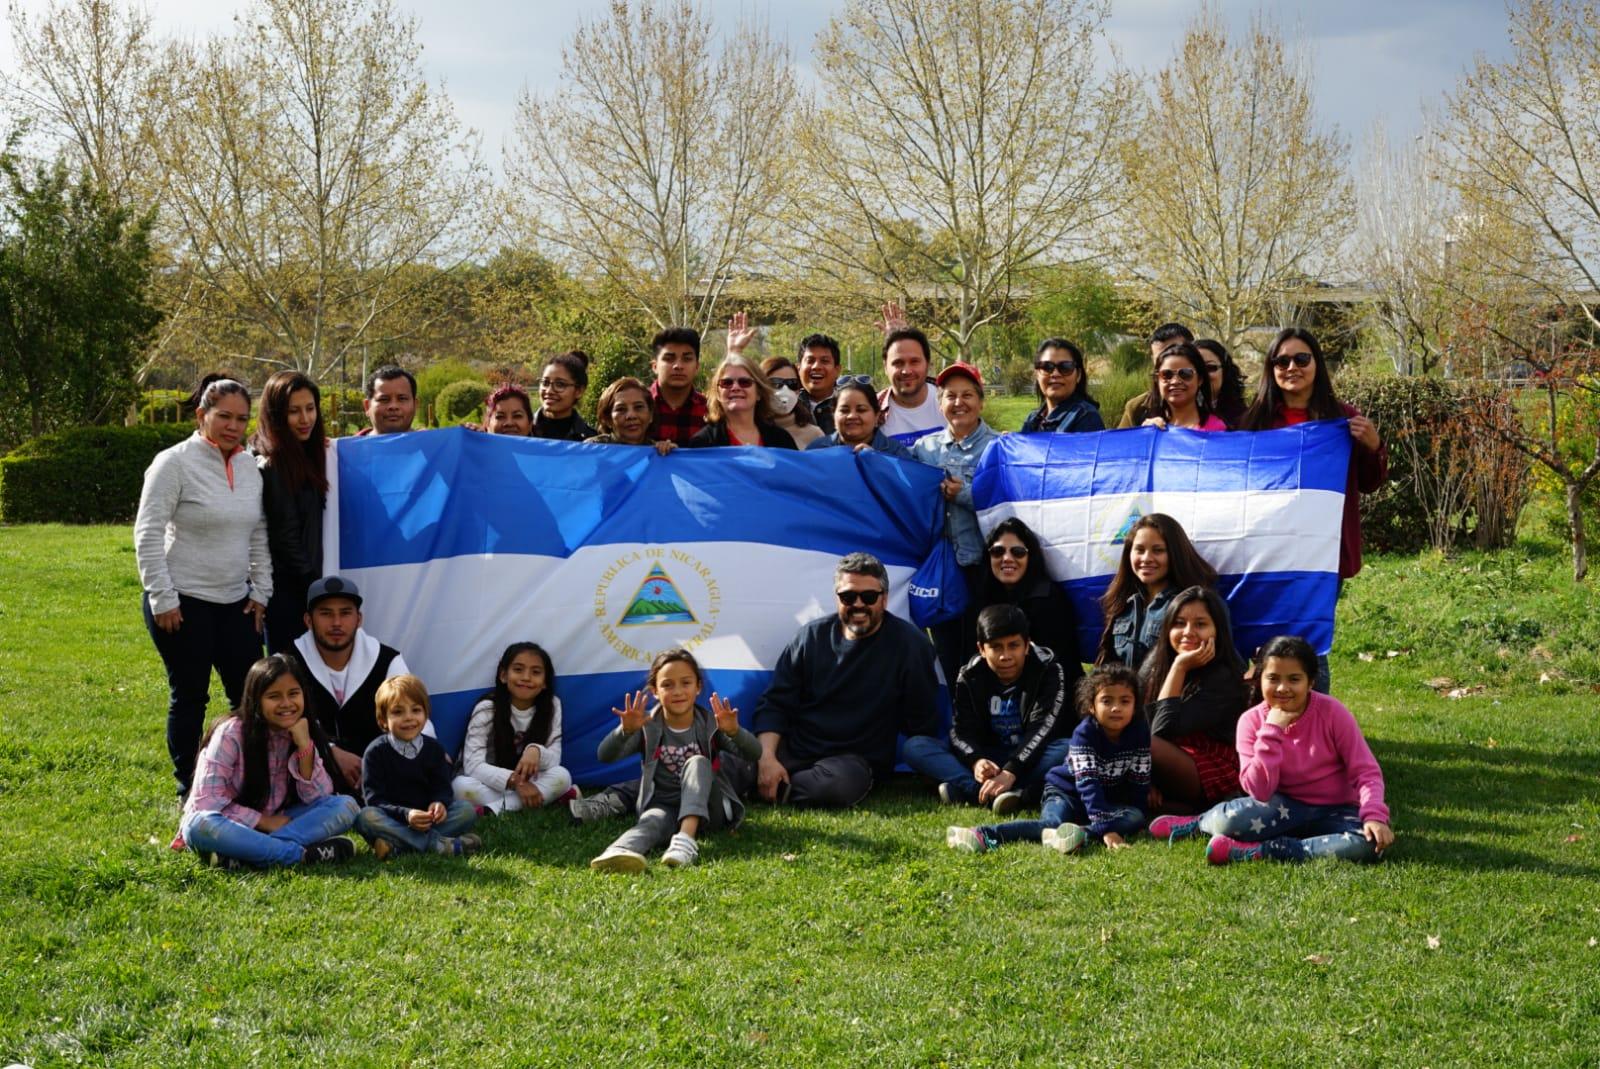 Actividad realizada en Granada, España, de la comunidad de nicaragüenses en esa ciudad. Foto: D. Rodríguez/Cortesía